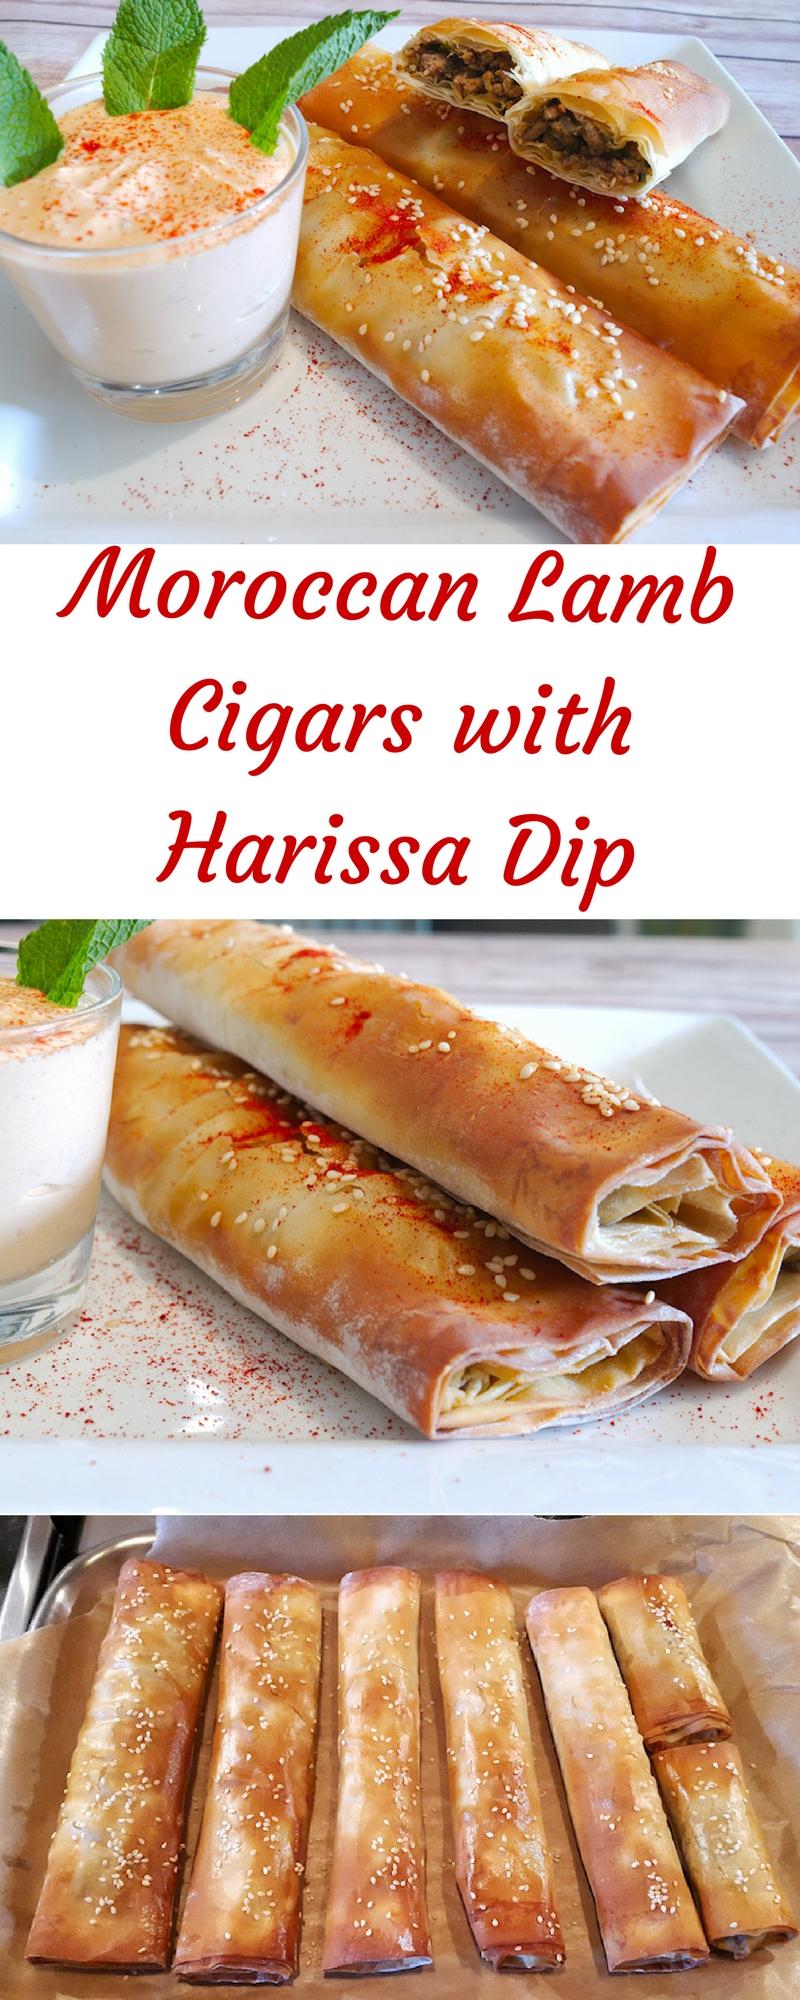 Moroccan Lamb Cigars with Harissa Dip